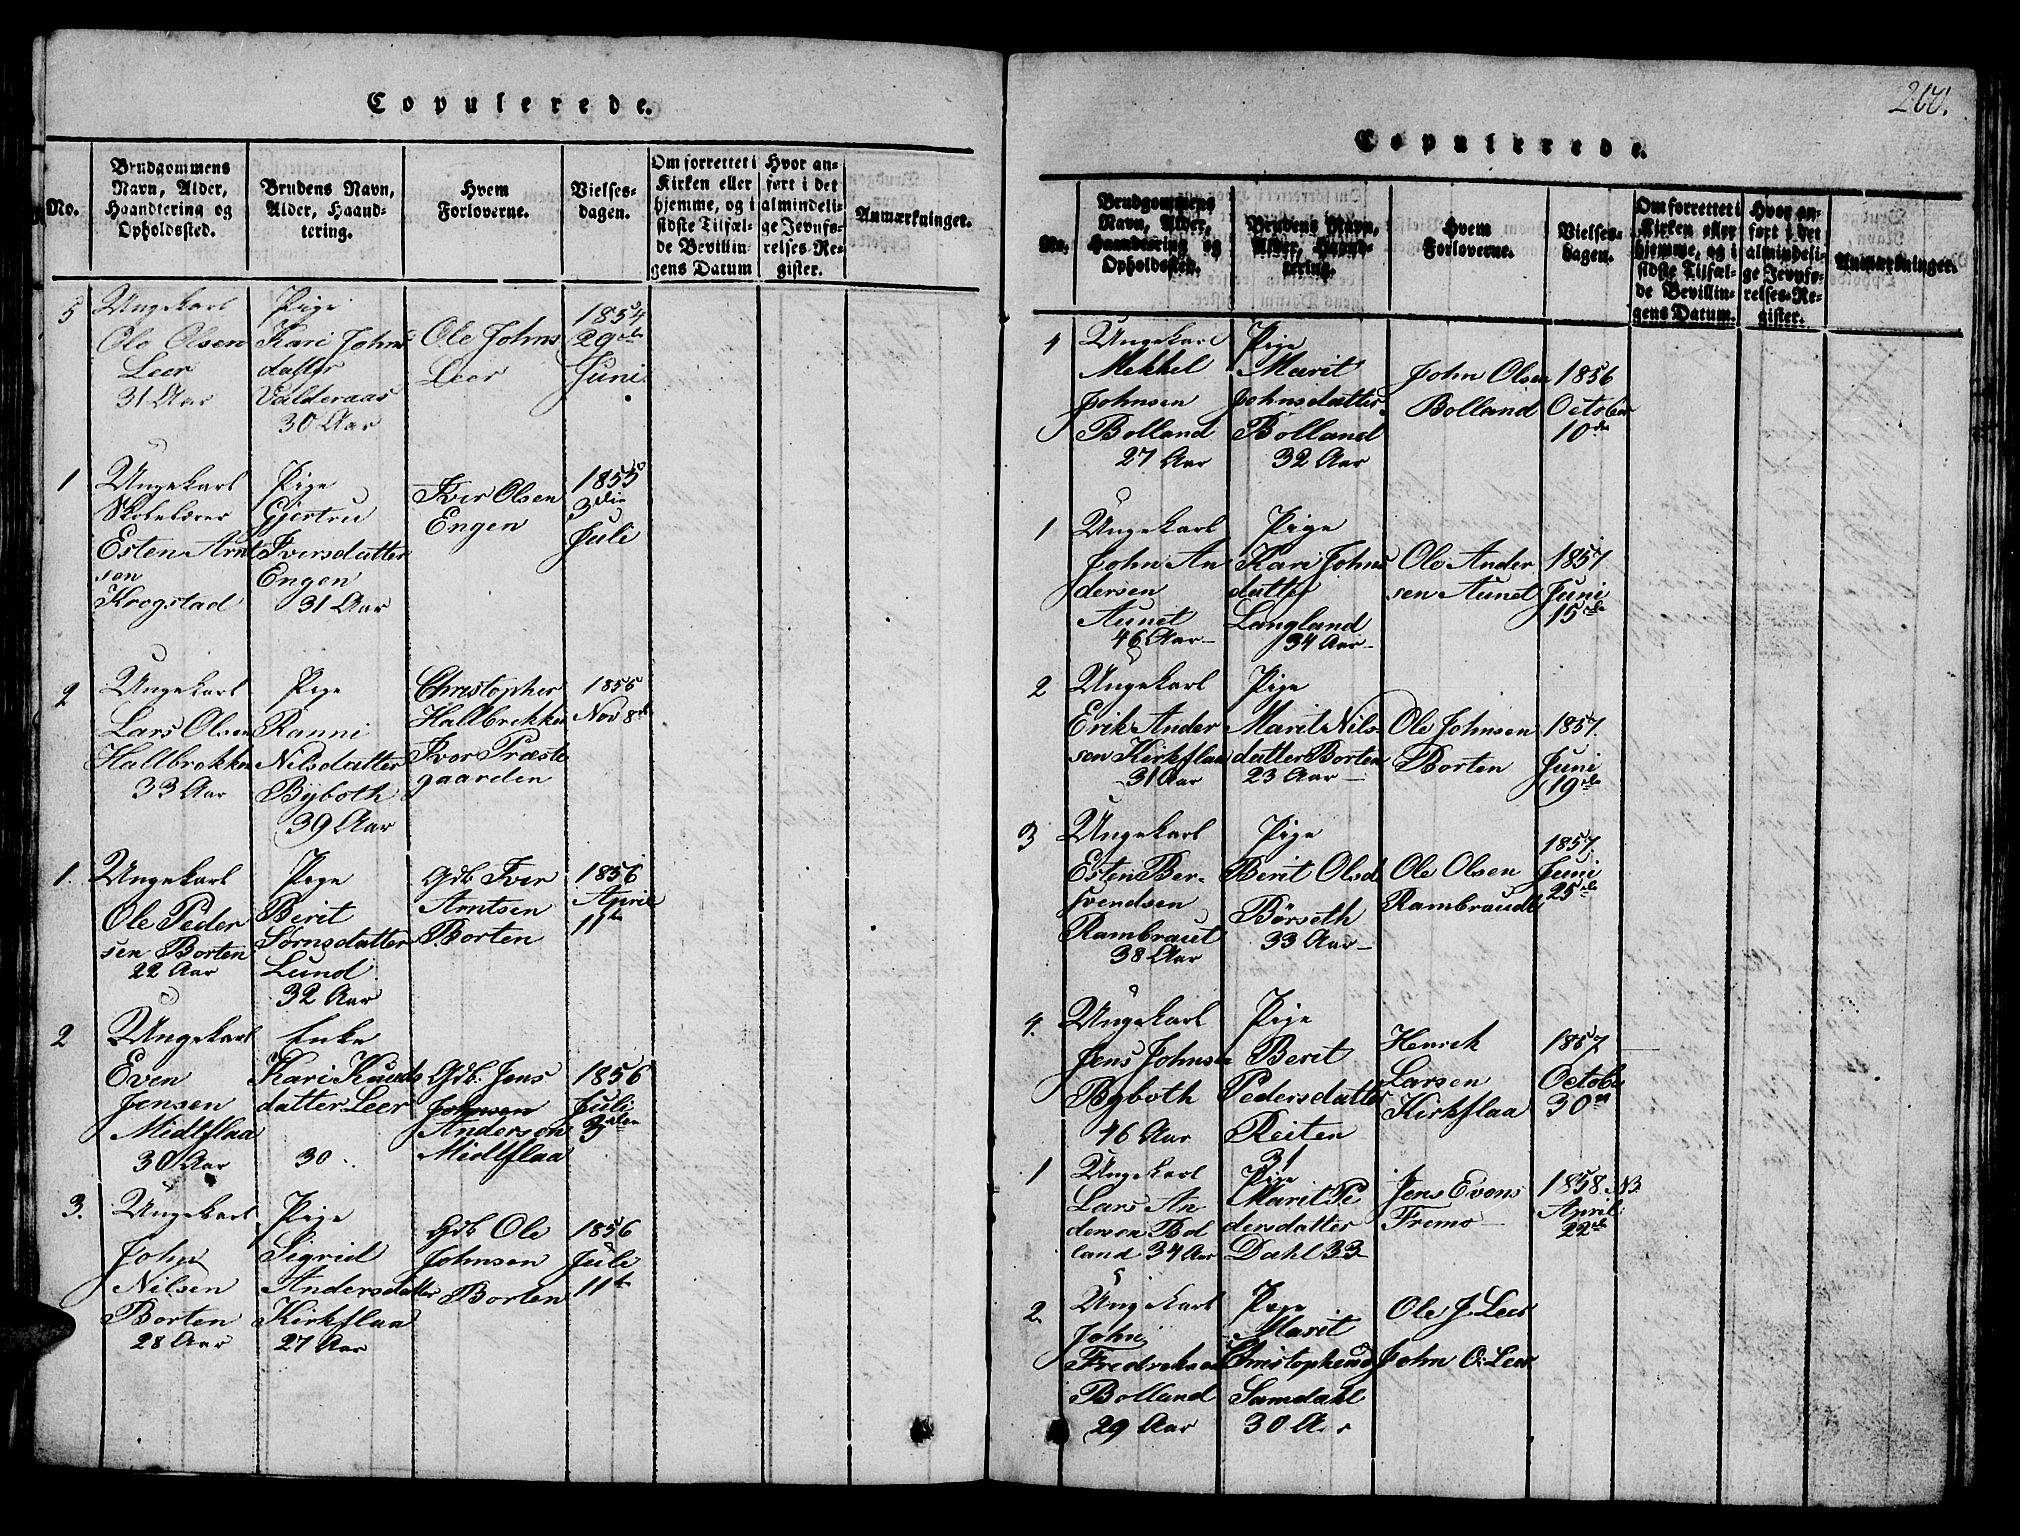 SAT, Ministerialprotokoller, klokkerbøker og fødselsregistre - Sør-Trøndelag, 693/L1121: Klokkerbok nr. 693C02, 1816-1869, s. 200